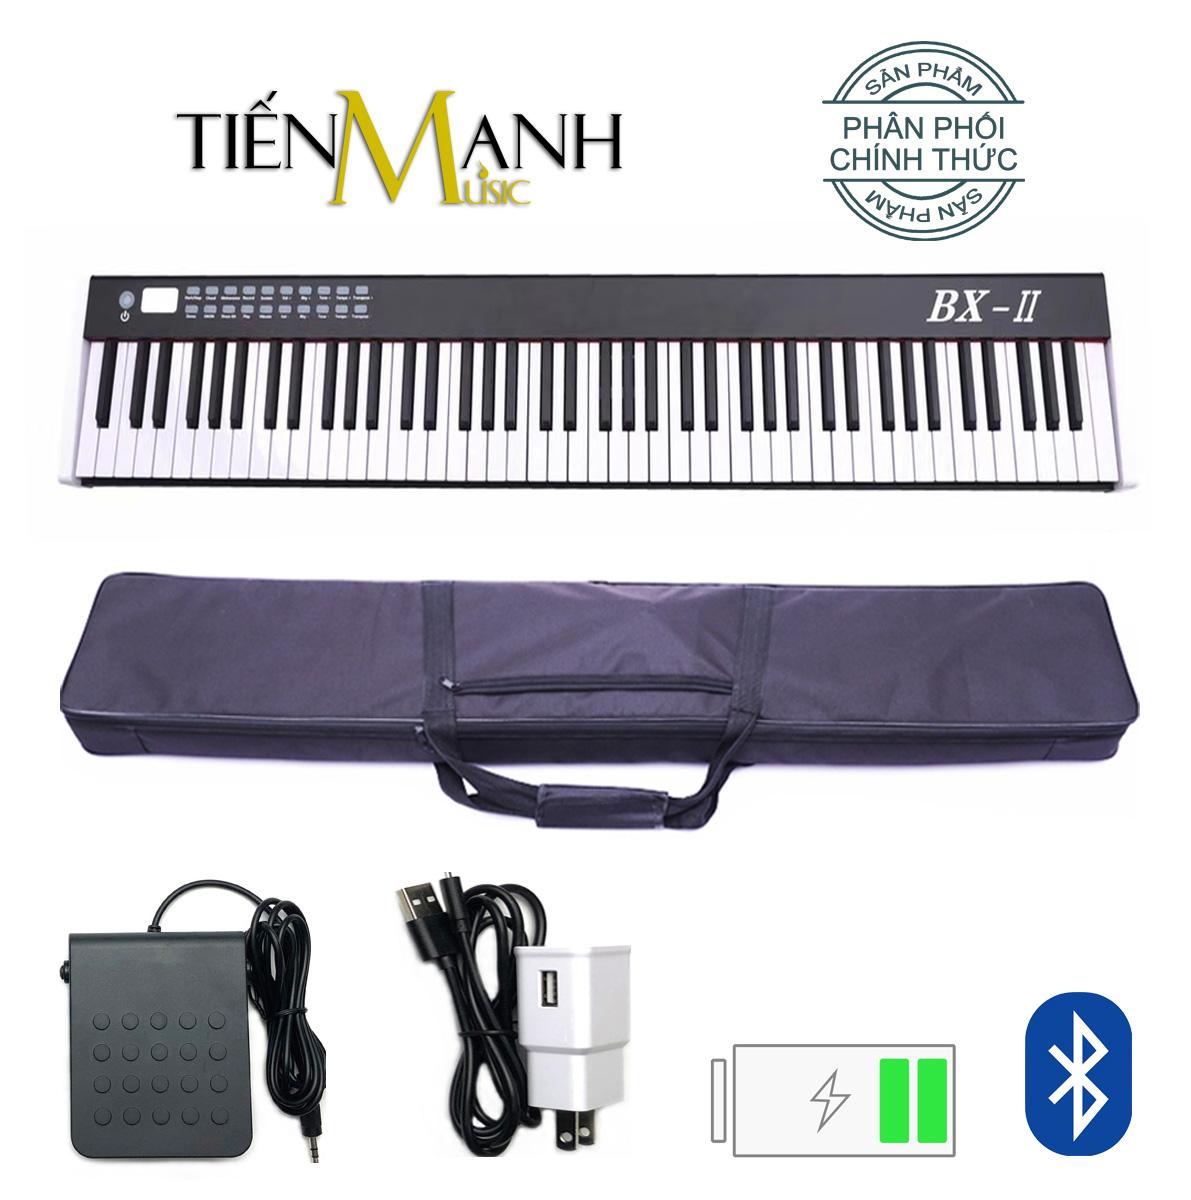 Deal Ưu Đãi Đàn Piano Điện Bora BX-II - 88 Phím Nặng Cảm ứng Lực BX-02 - Midi Keyboard Controllers BX2 BXII (Kết Nối Máy Tính Và điện Thoại, Bluetooth, Pin Sạc, Loa Lớn - Phần Mềm Và Hướng Dẫn Tiếng Việt -Tặng Bao đựng)